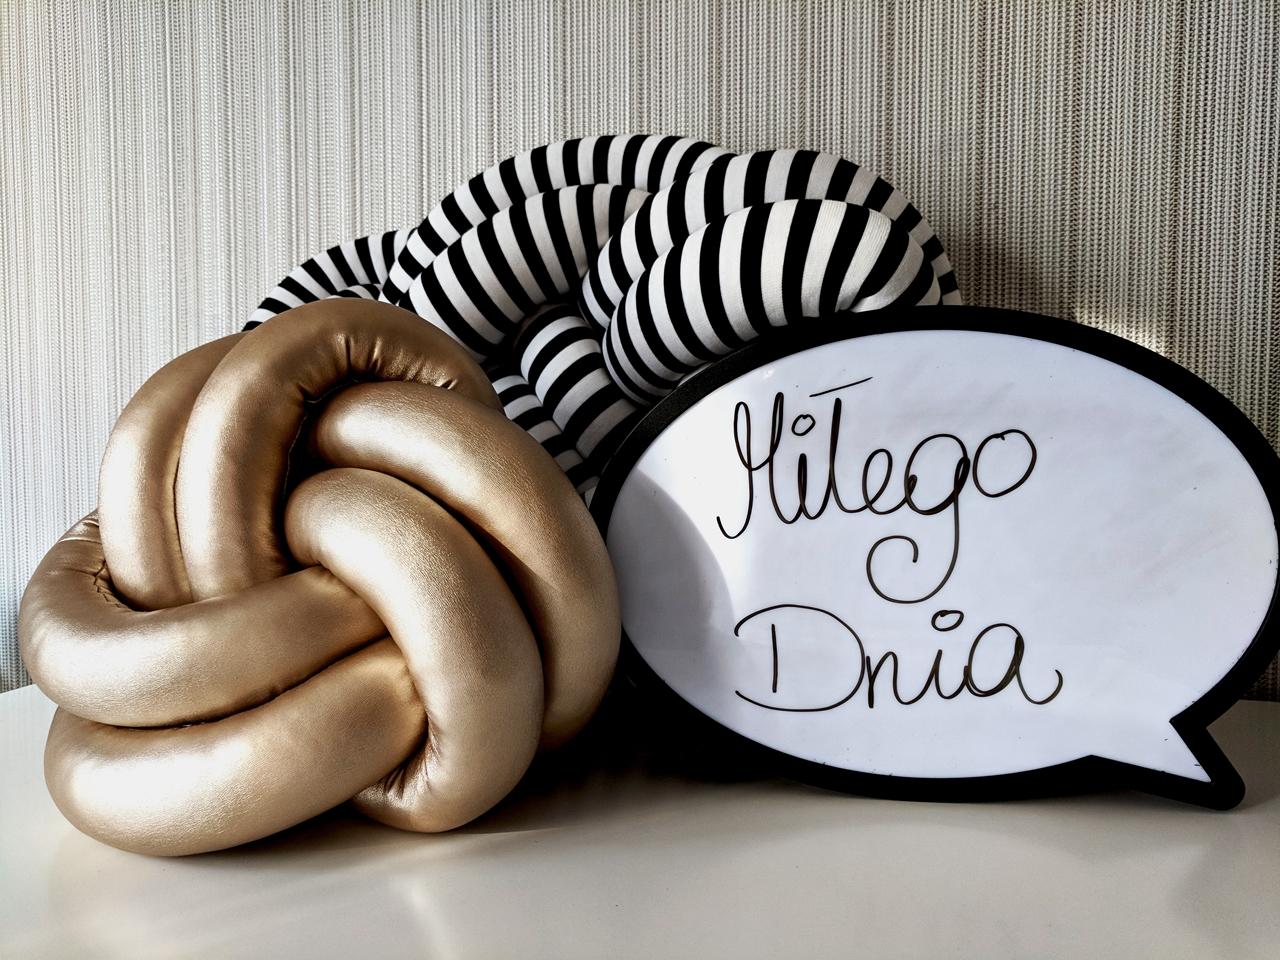 11 wywiad pomysł na biznes polskie marki warte uwagi ciekawe dodatki poduszki plecione domowa produkcja diy rękodzieło dla małych dużych dorosłych prezenty nietypowe inspiracje stylowe dekoracje do mieszkań domów wnętr